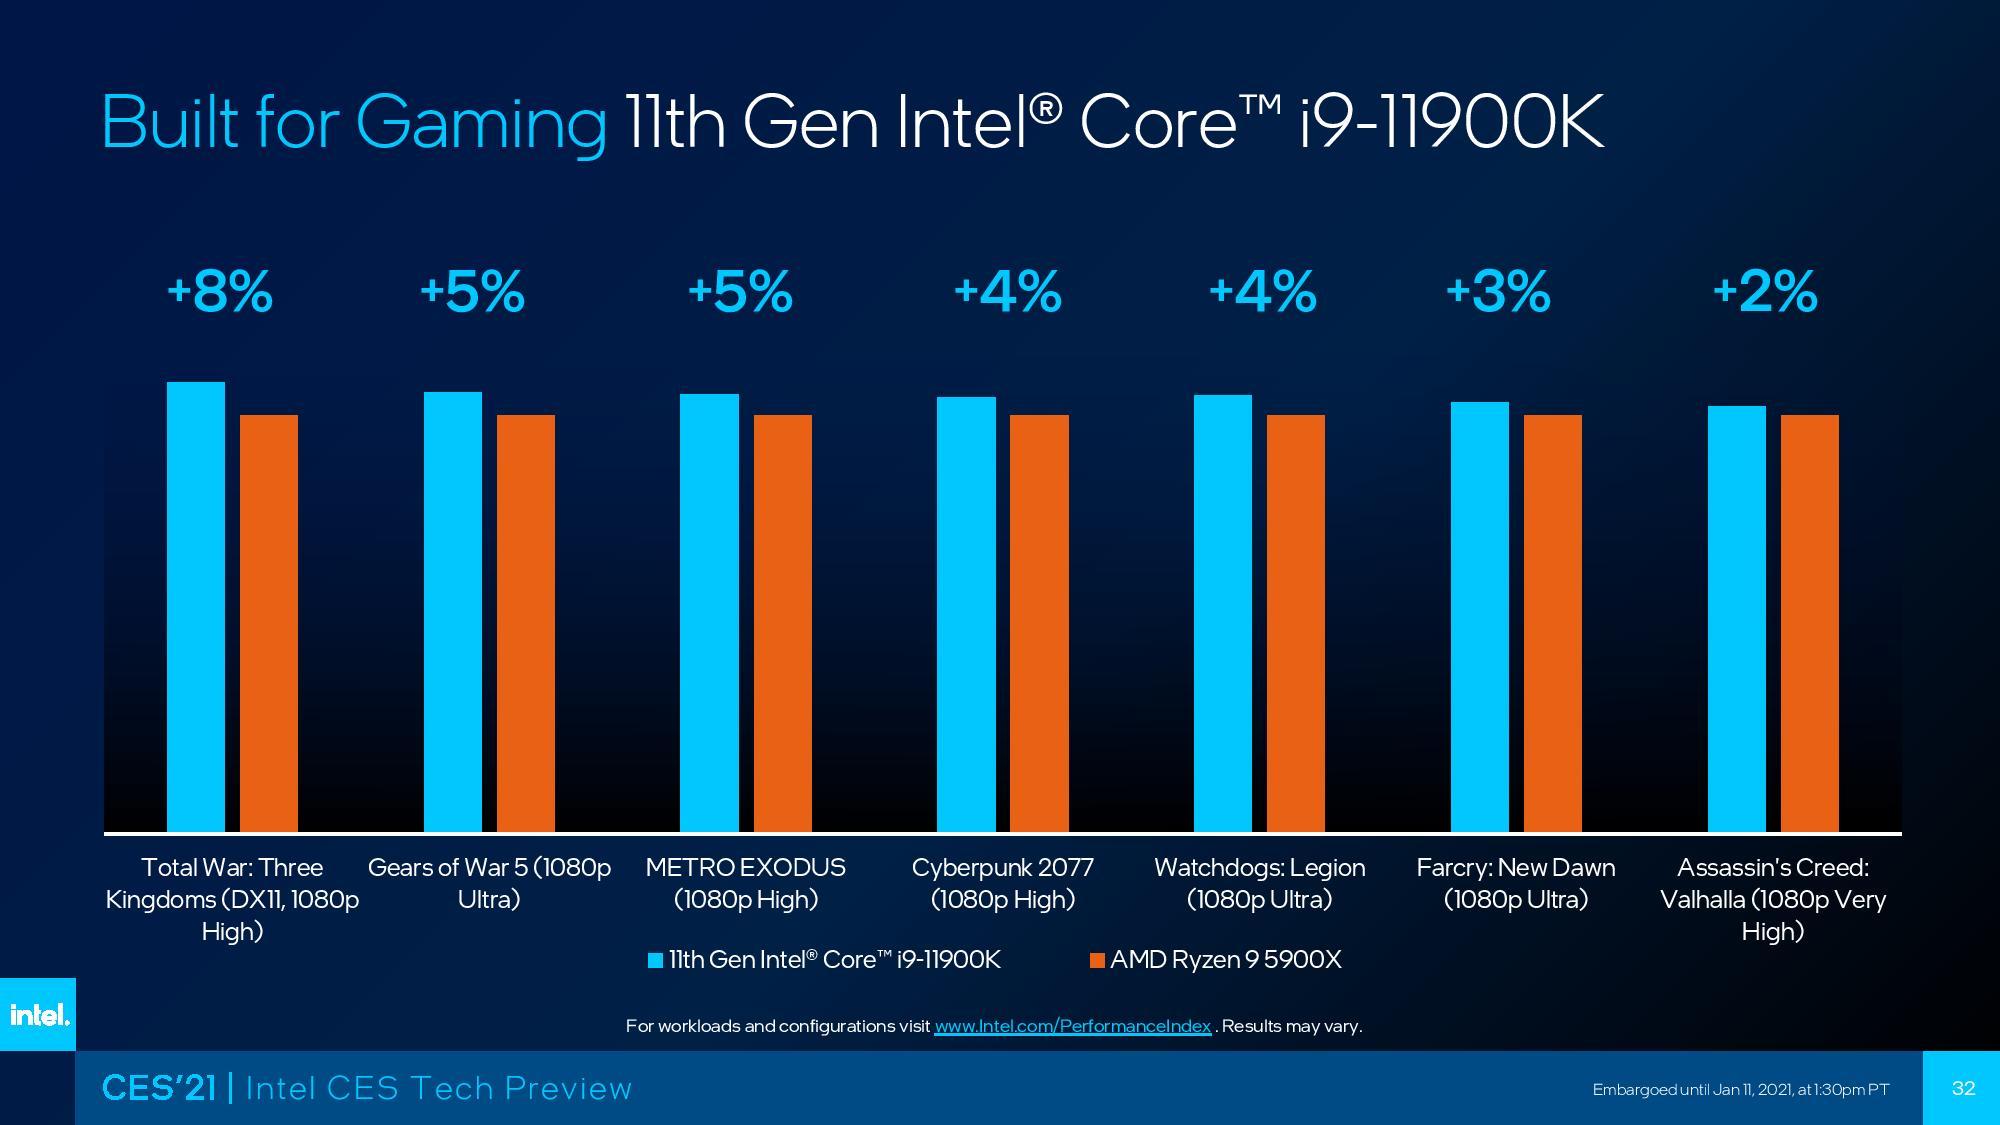 Intel Core i9-11900K 'Rocket Lake' Flagship 8-Core CPU Benchmarks: Mengalahkan AMD 12-Core Ryzen 5900X Di Cyberpunk 2077 Dan Banyak Lagi!